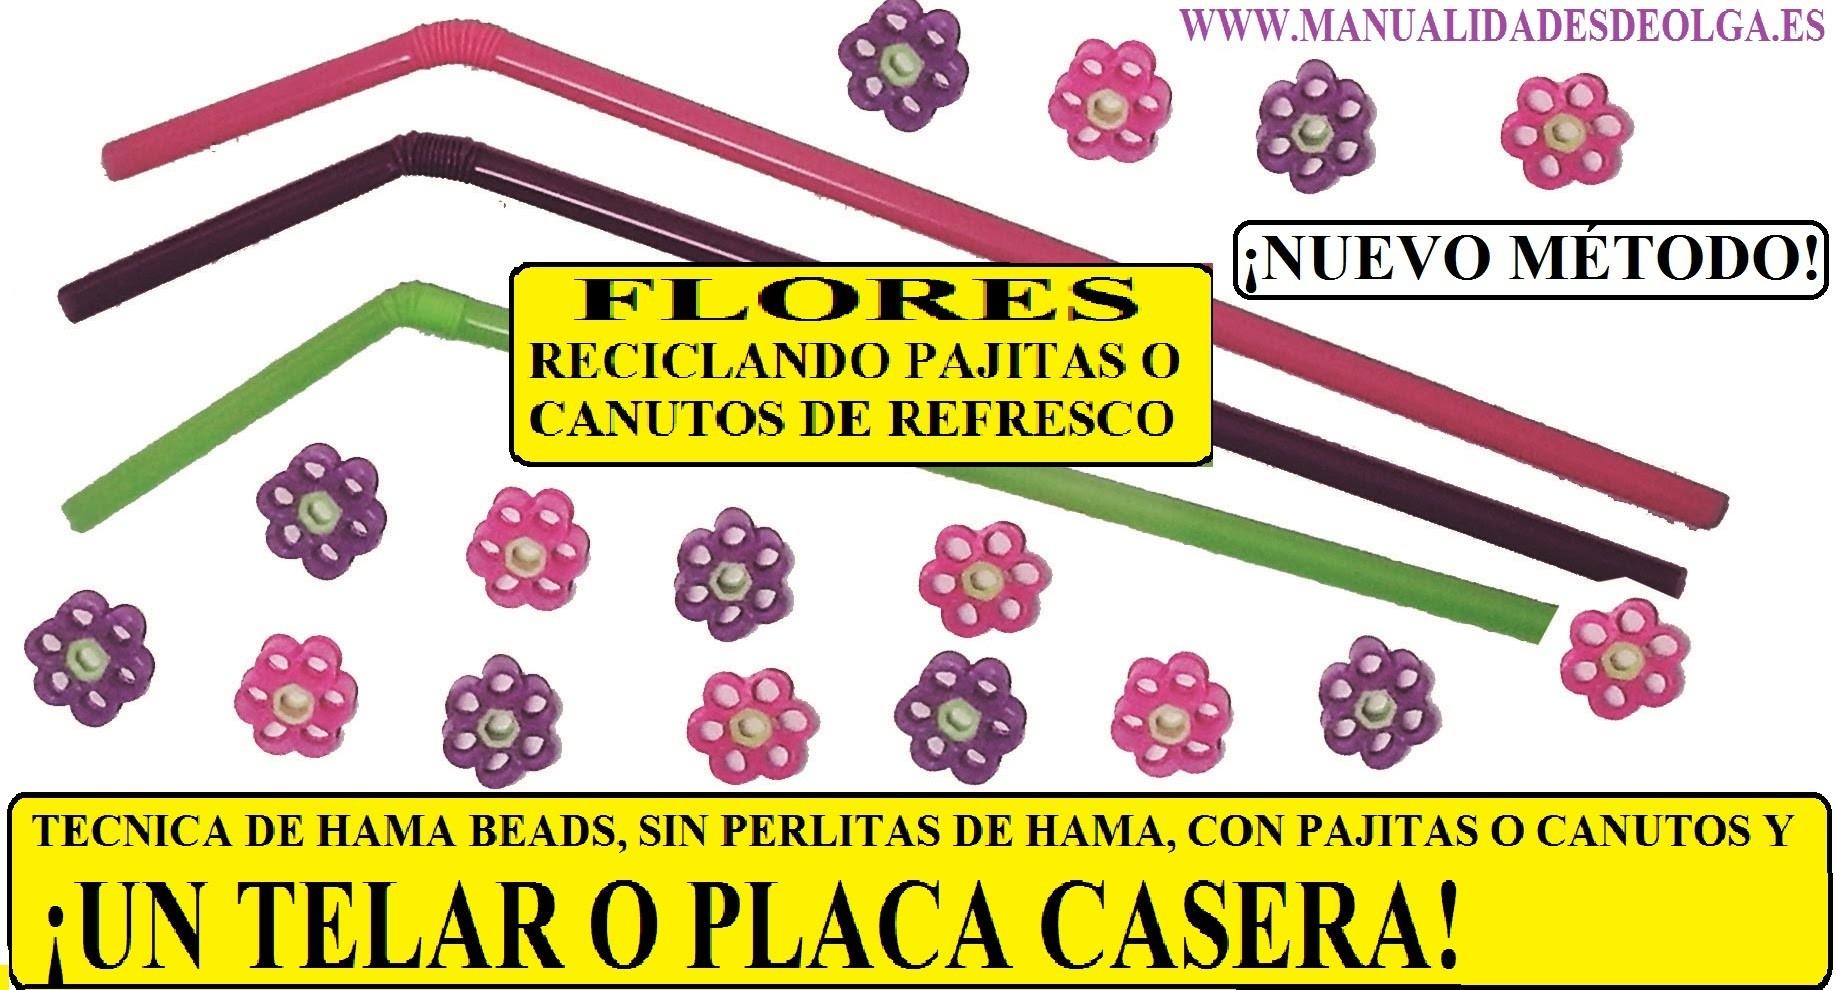 ¡NUEVO MÉTODO!. telar o placa casera para utilizar pajitas como hama beads y hacemos una flor